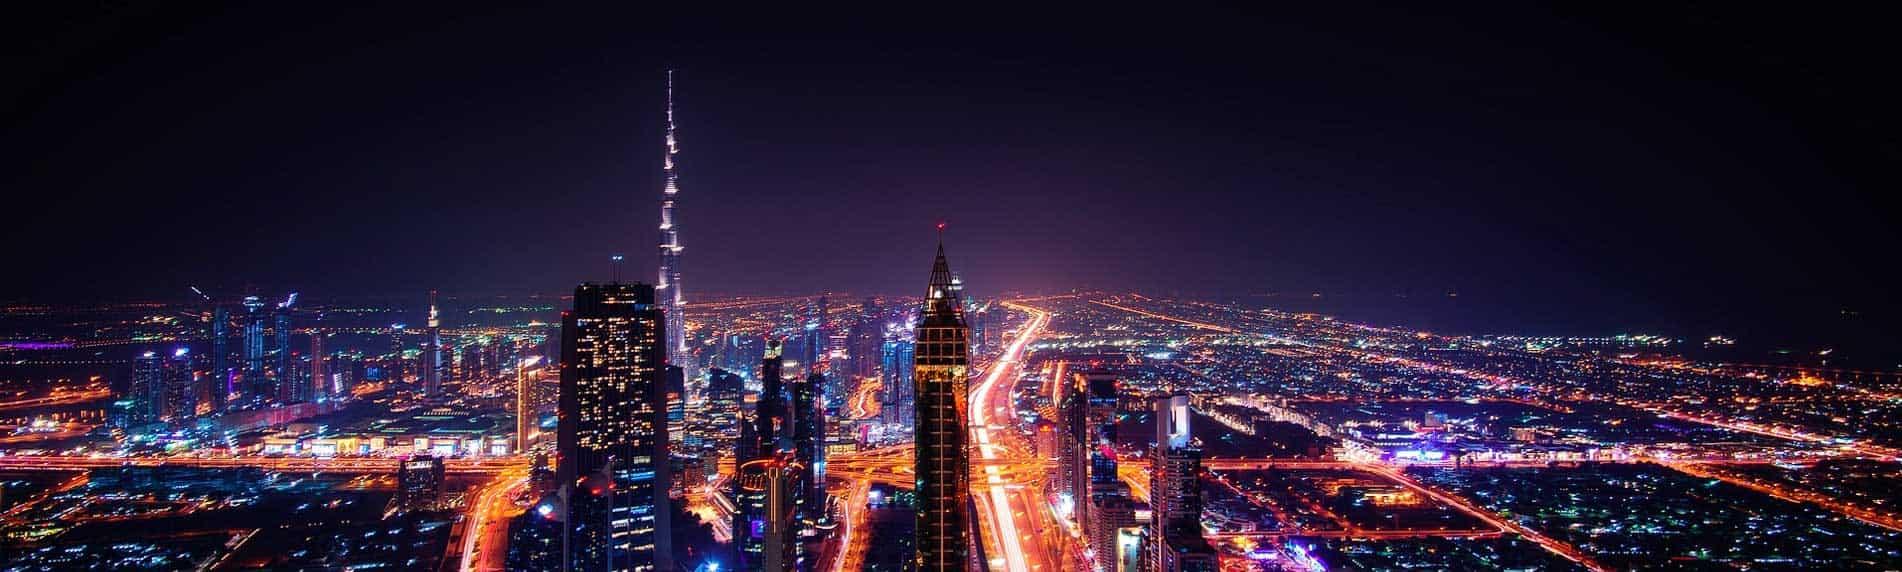 5 Nights Majestic Dubai